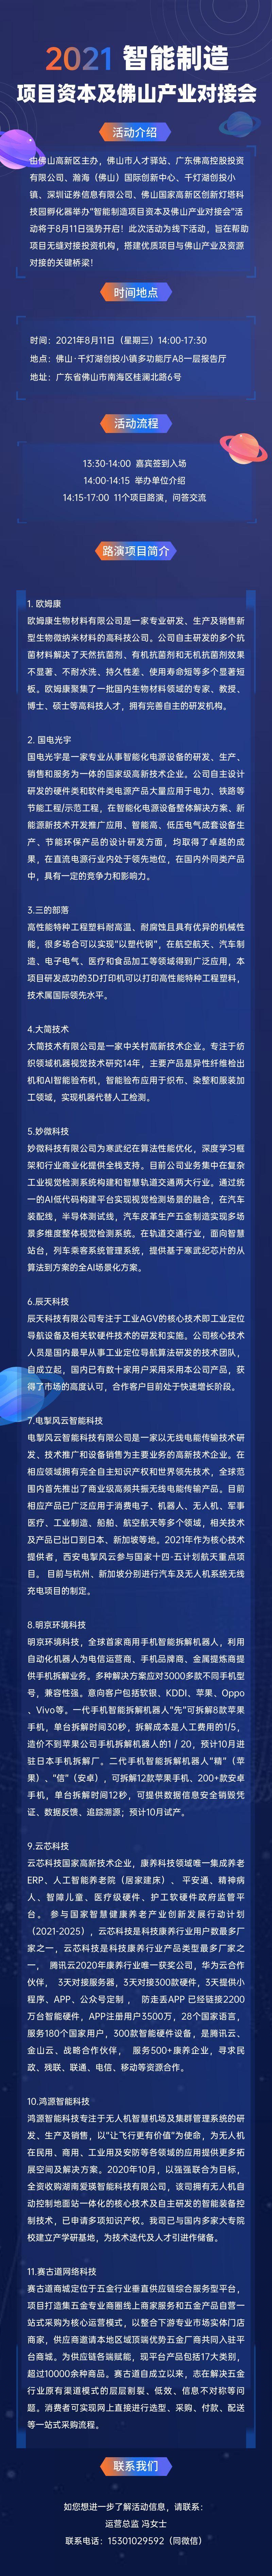 8月11日智能制造项目路演.png